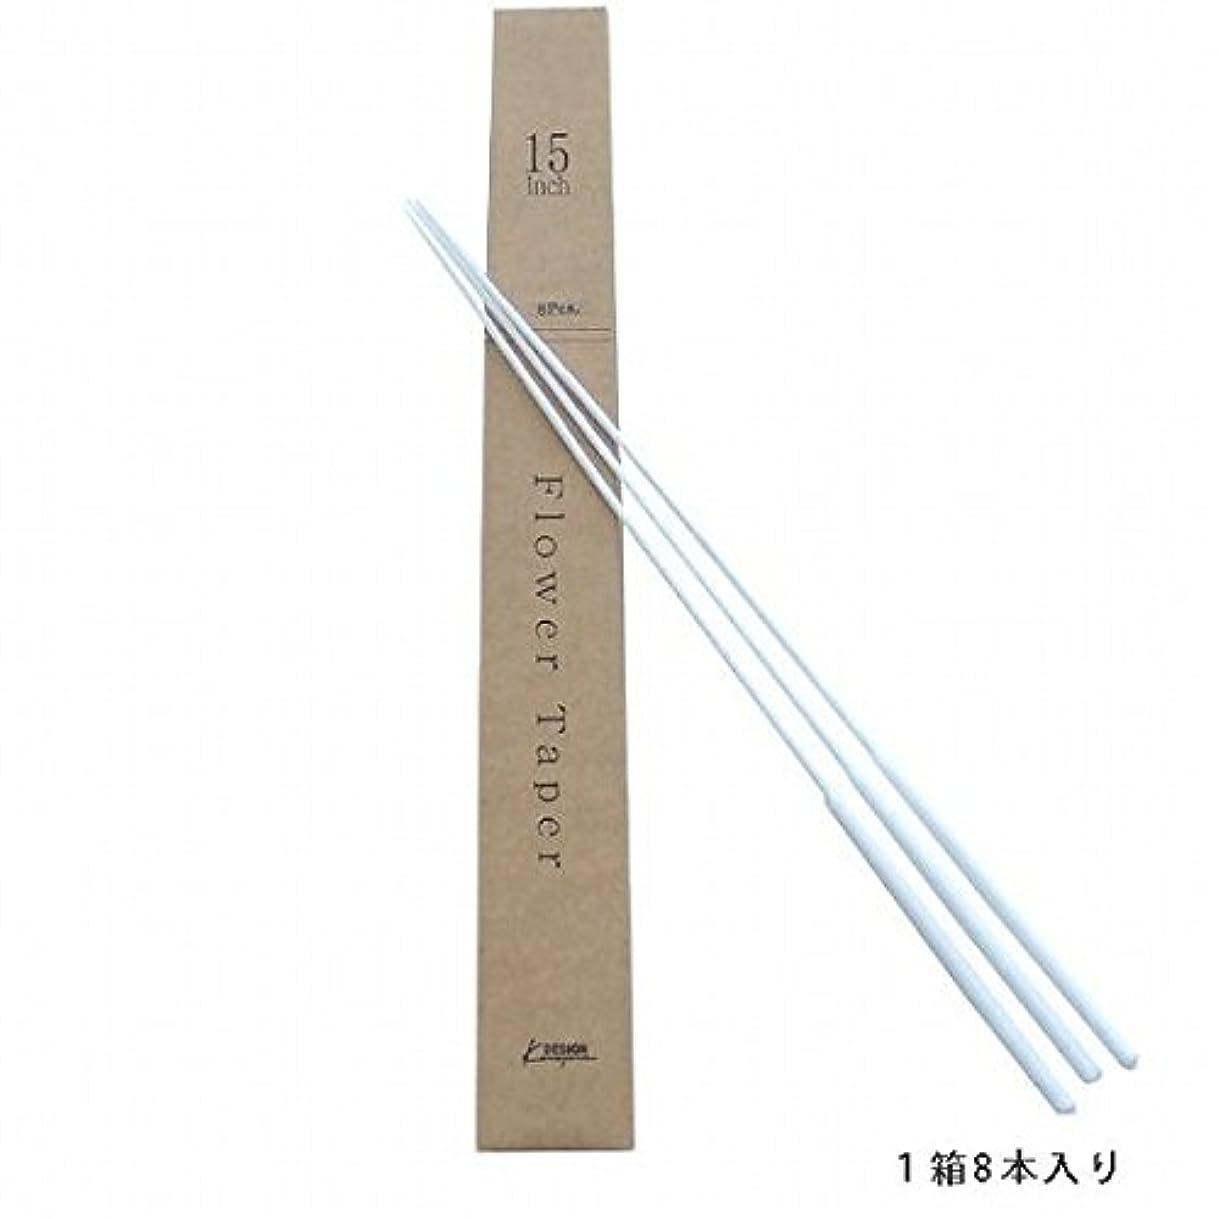 拘束優越中絶kameyama candle(カメヤマキャンドル) 15インチトーチ用フラワーテーパー 8本入 「 ホワイト 」(71839998W)